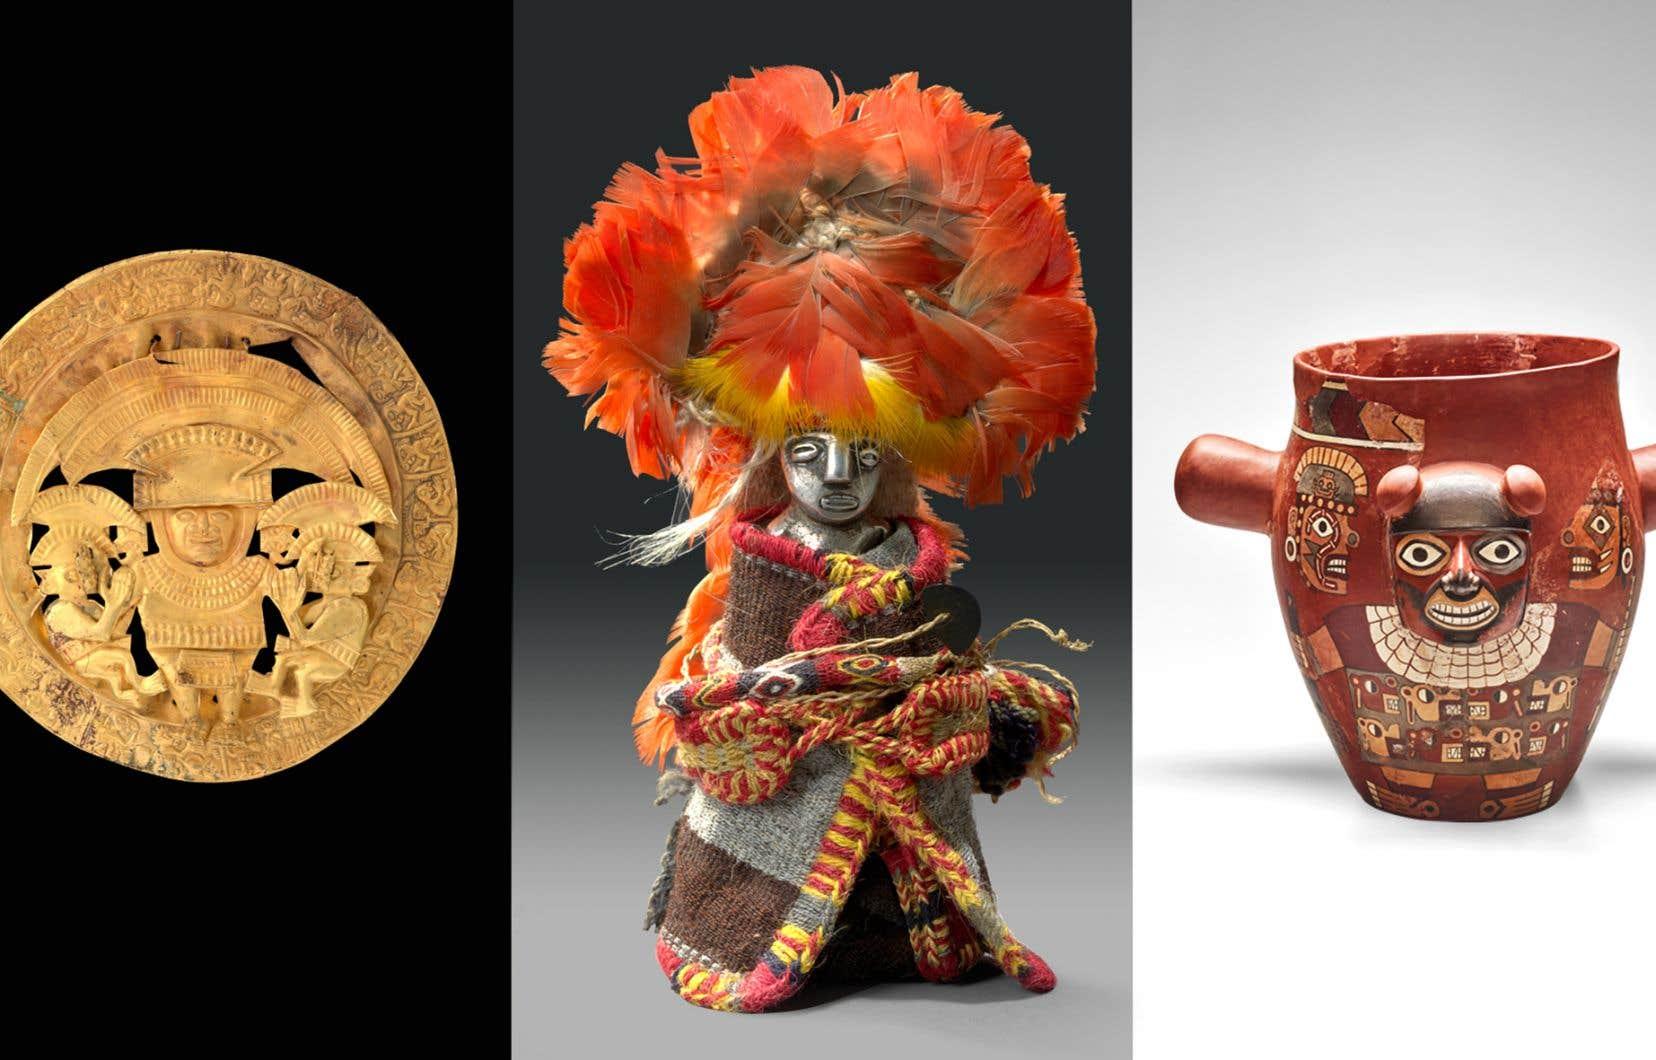 Près de 300 objets seront offerts aux yeux des visiteurs afin de leur faire connaître les civilisations préincas et incas.